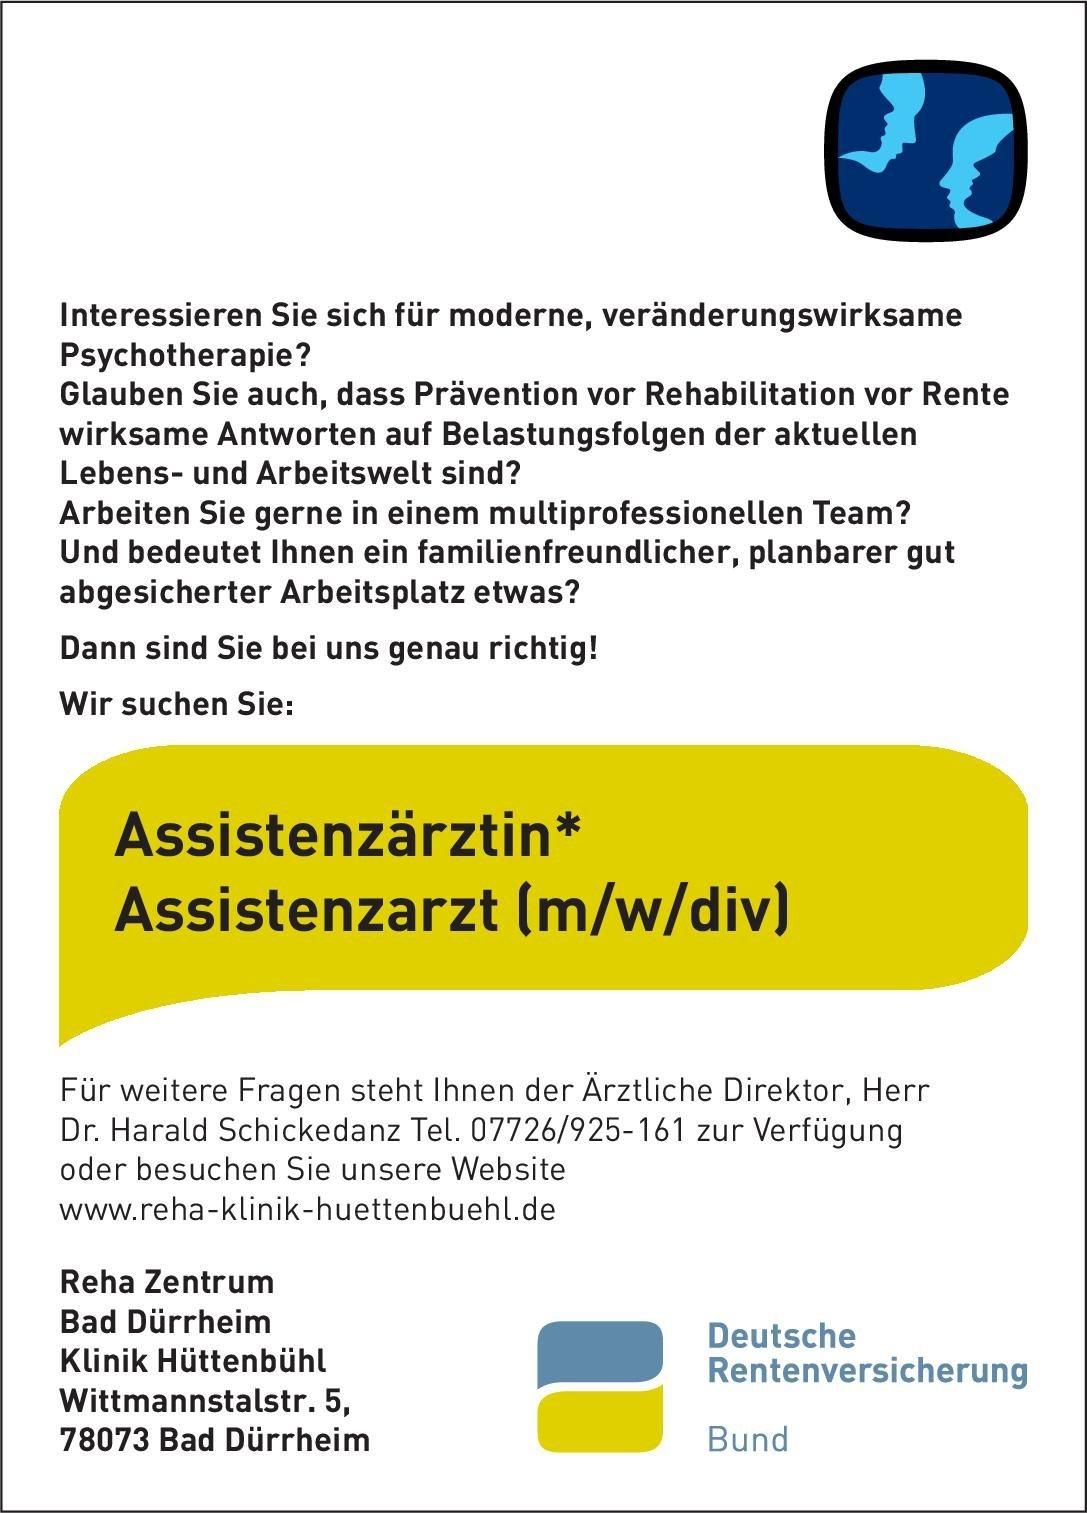 Reha Zentrum Bad Dürrheim - Klinik Hüttenbühl Assistenzärztin* Assistenzarzt (m/w/d) Psychotherapeutische Medizin Psychotherapeutische Medizin Assistenzarzt / Arzt in Weiterbildung